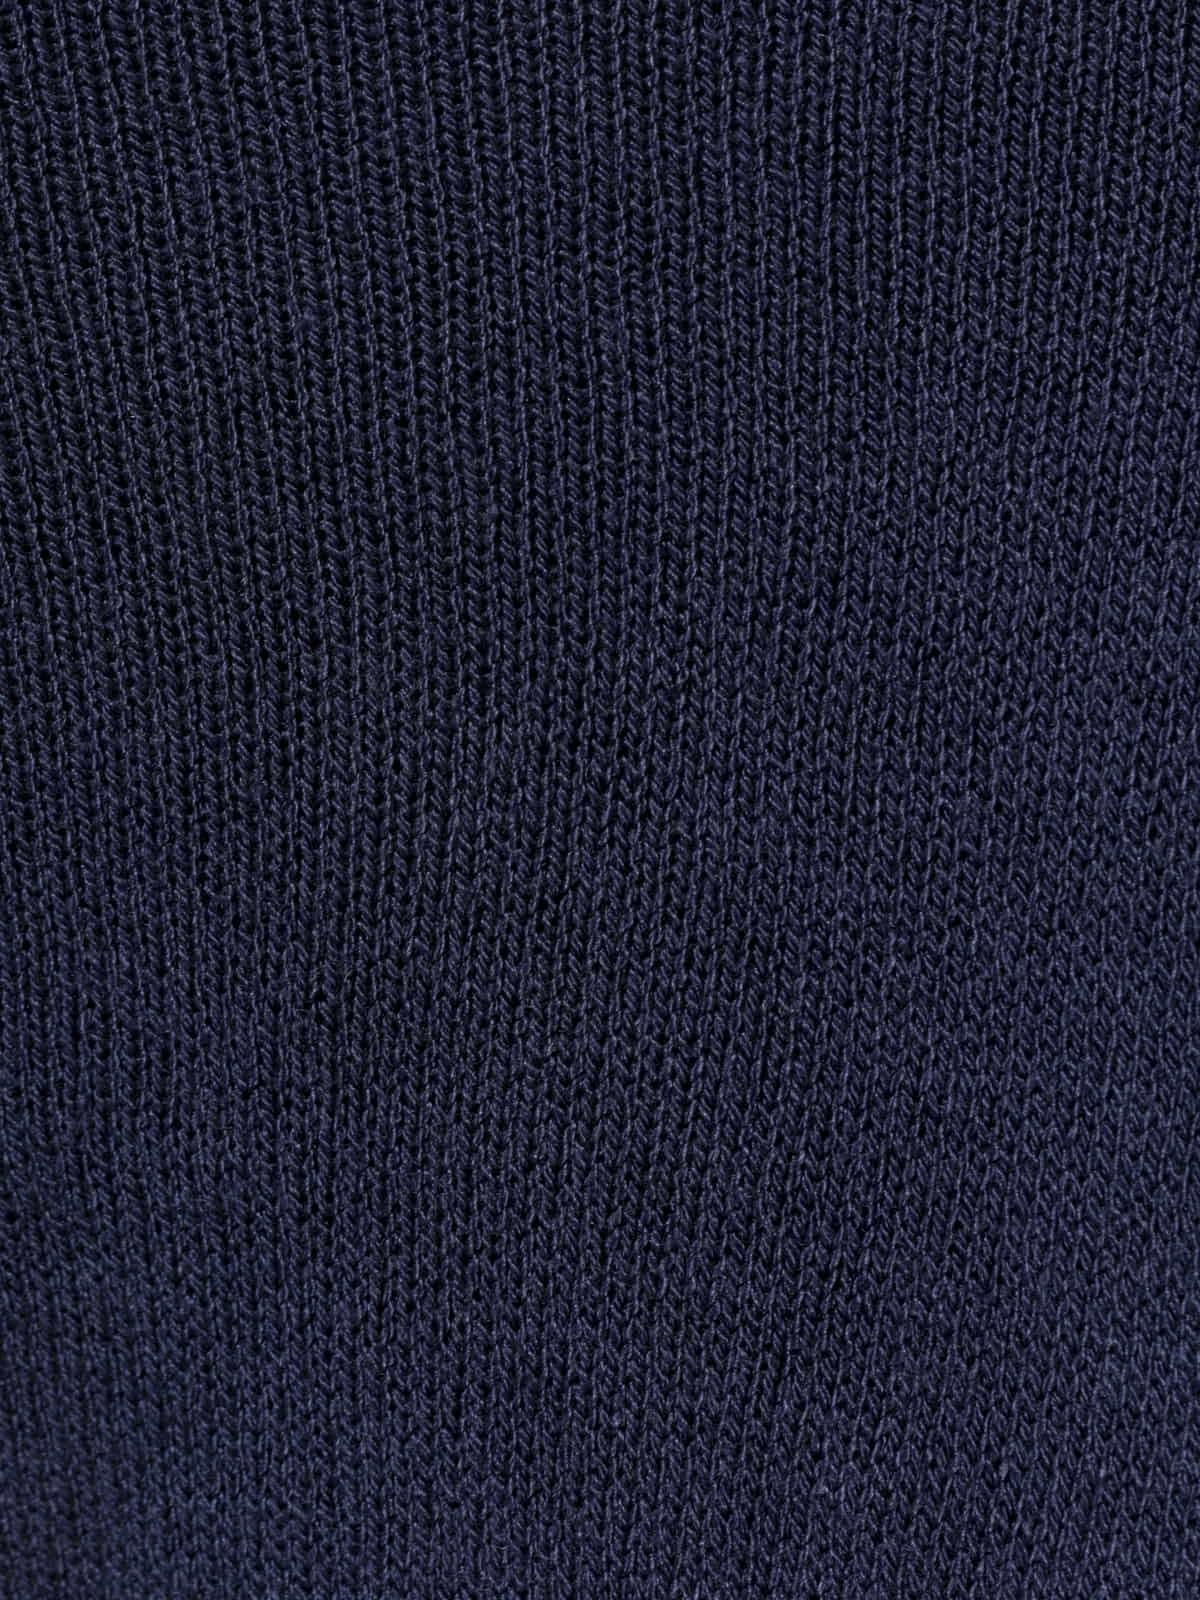 Chaqueta larga de mujer Azul Marino